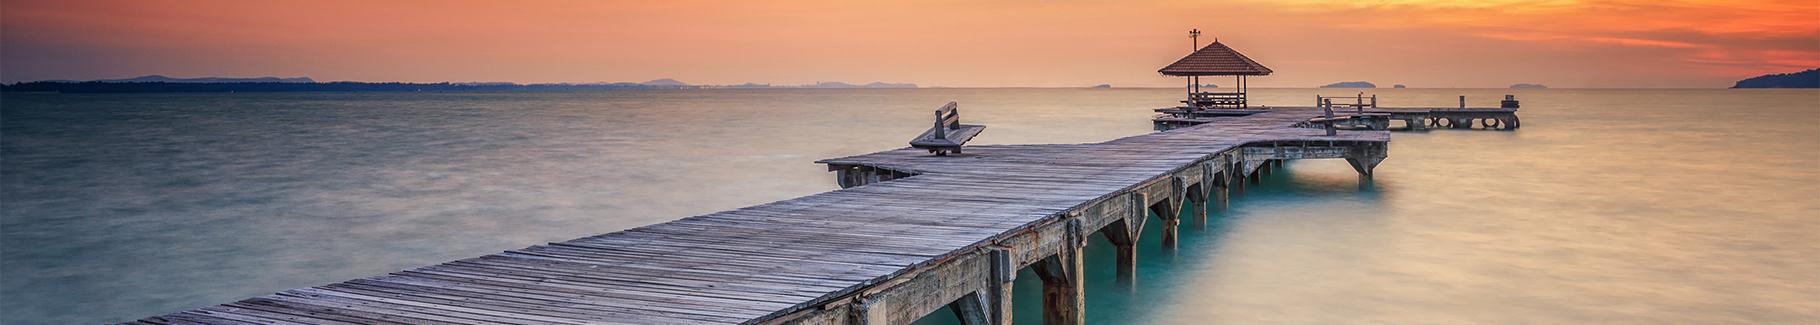 Fototapeta drewniany most o zachodzie słońca